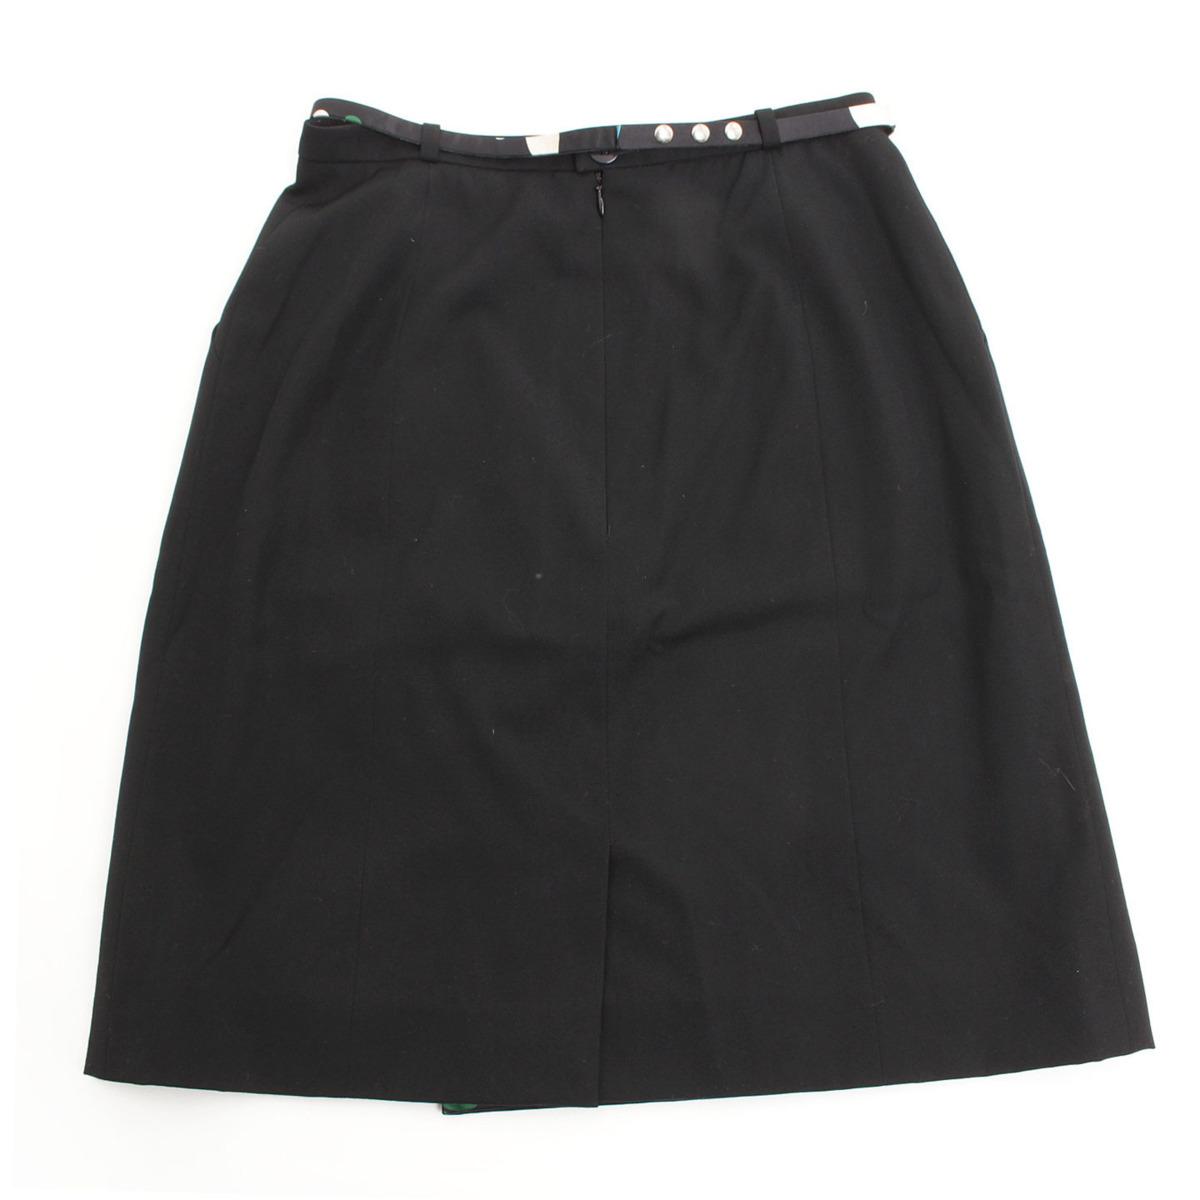 【シャネル】Chanel ベルト付きスカート ブラック 裏地ツバメ柄 38 【中古】【鑑定済・正規品保証】31782